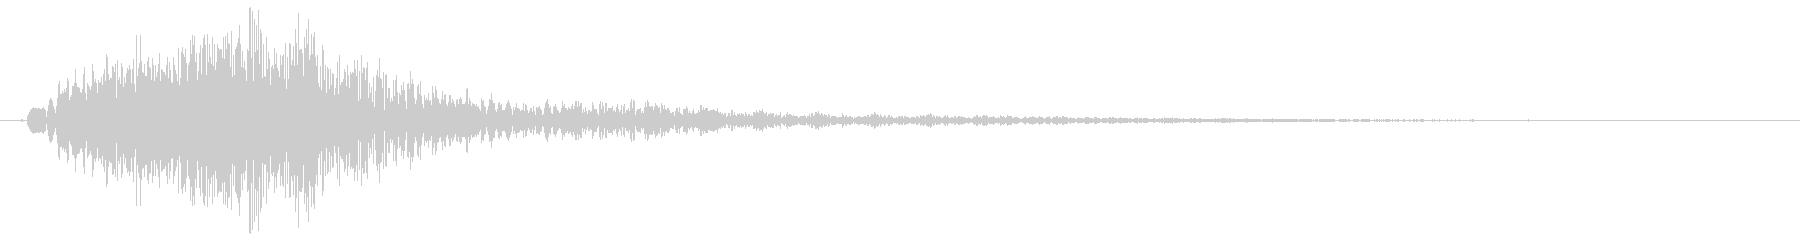 キュイン(高音で電子的な決定音)の未再生の波形